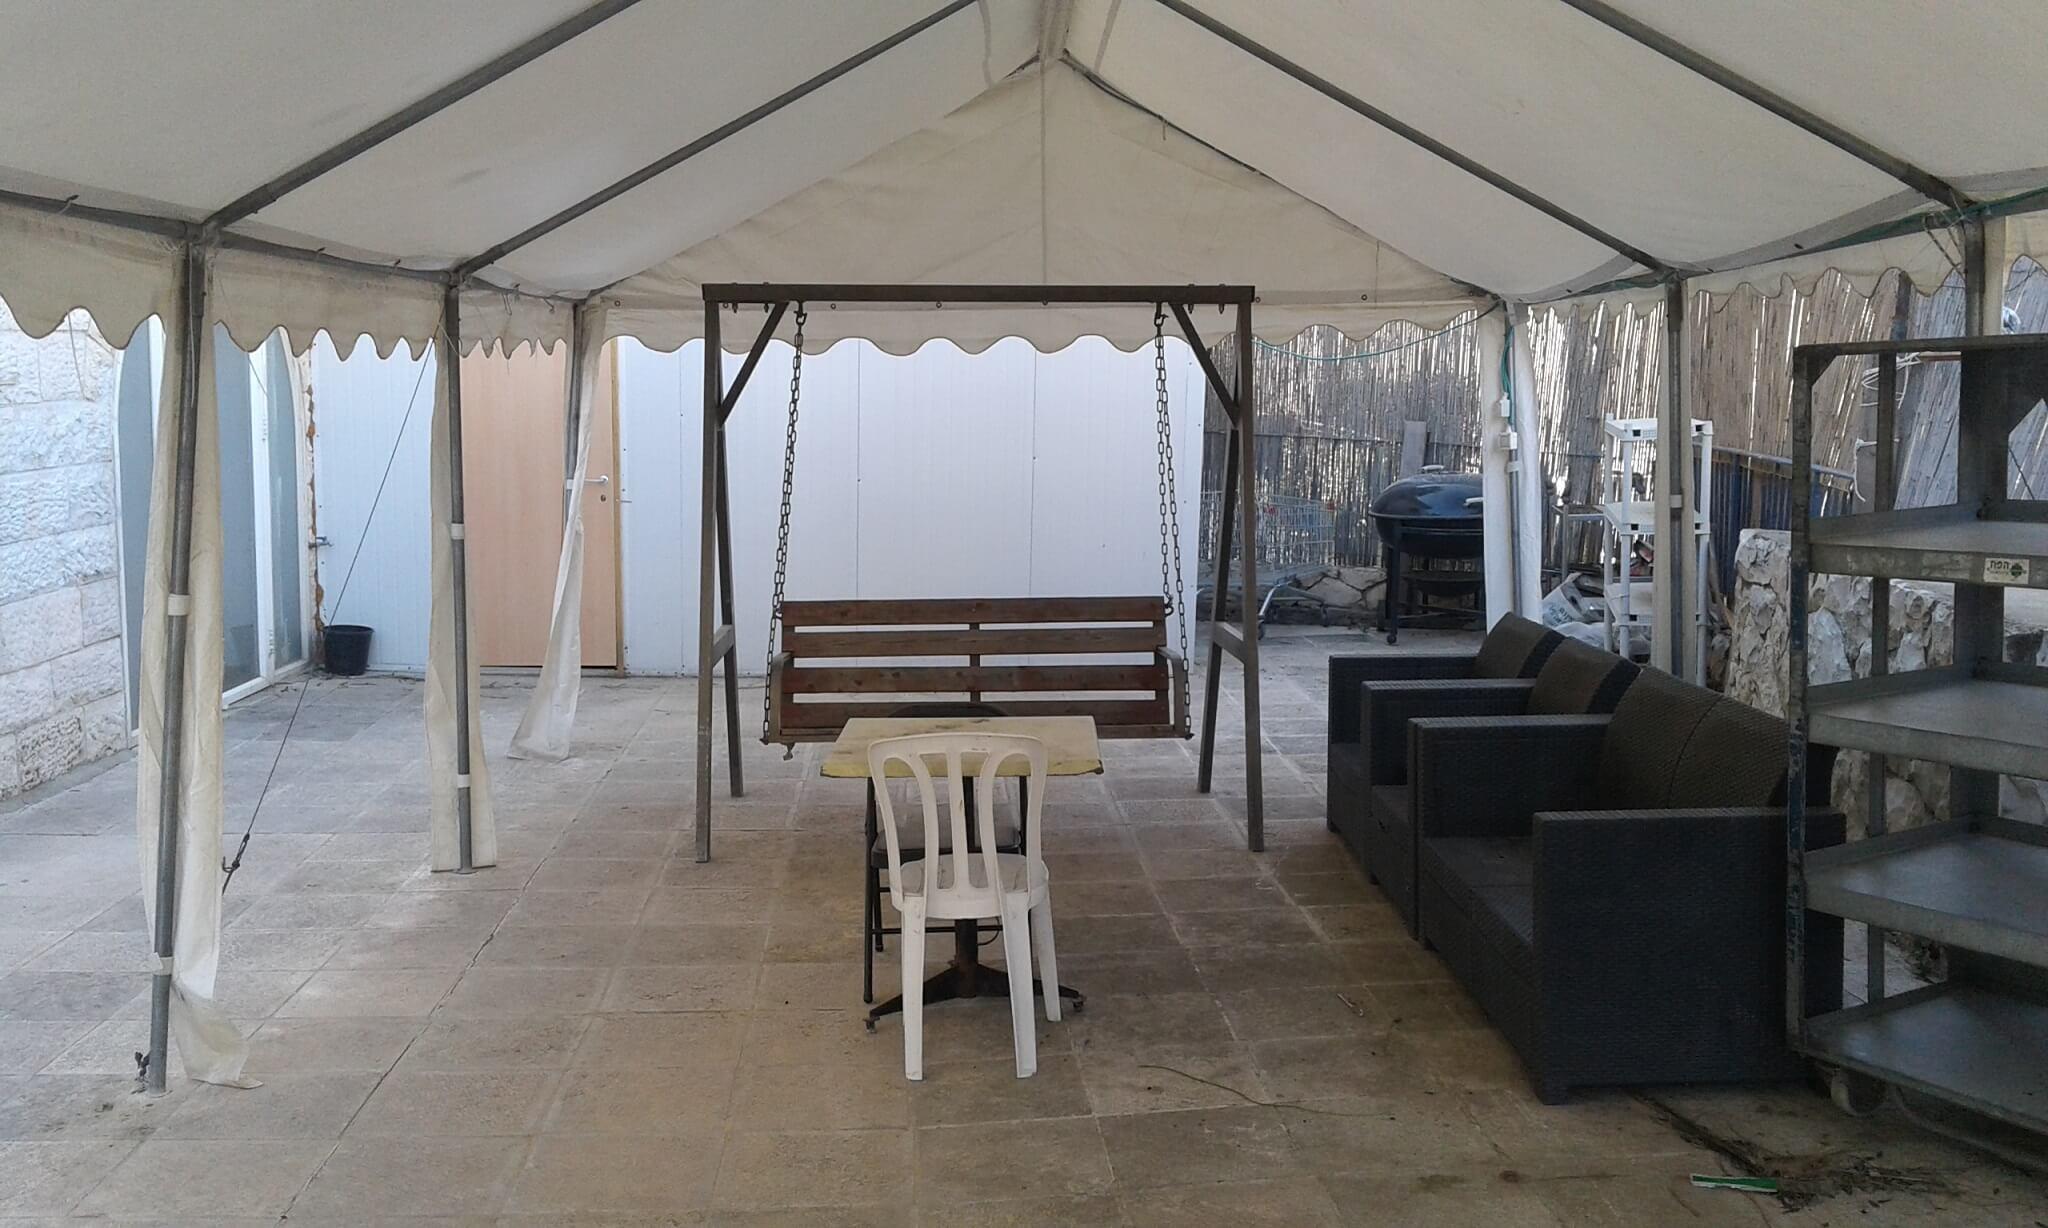 אוהלי נועם - השכרת אוהל לאבלים